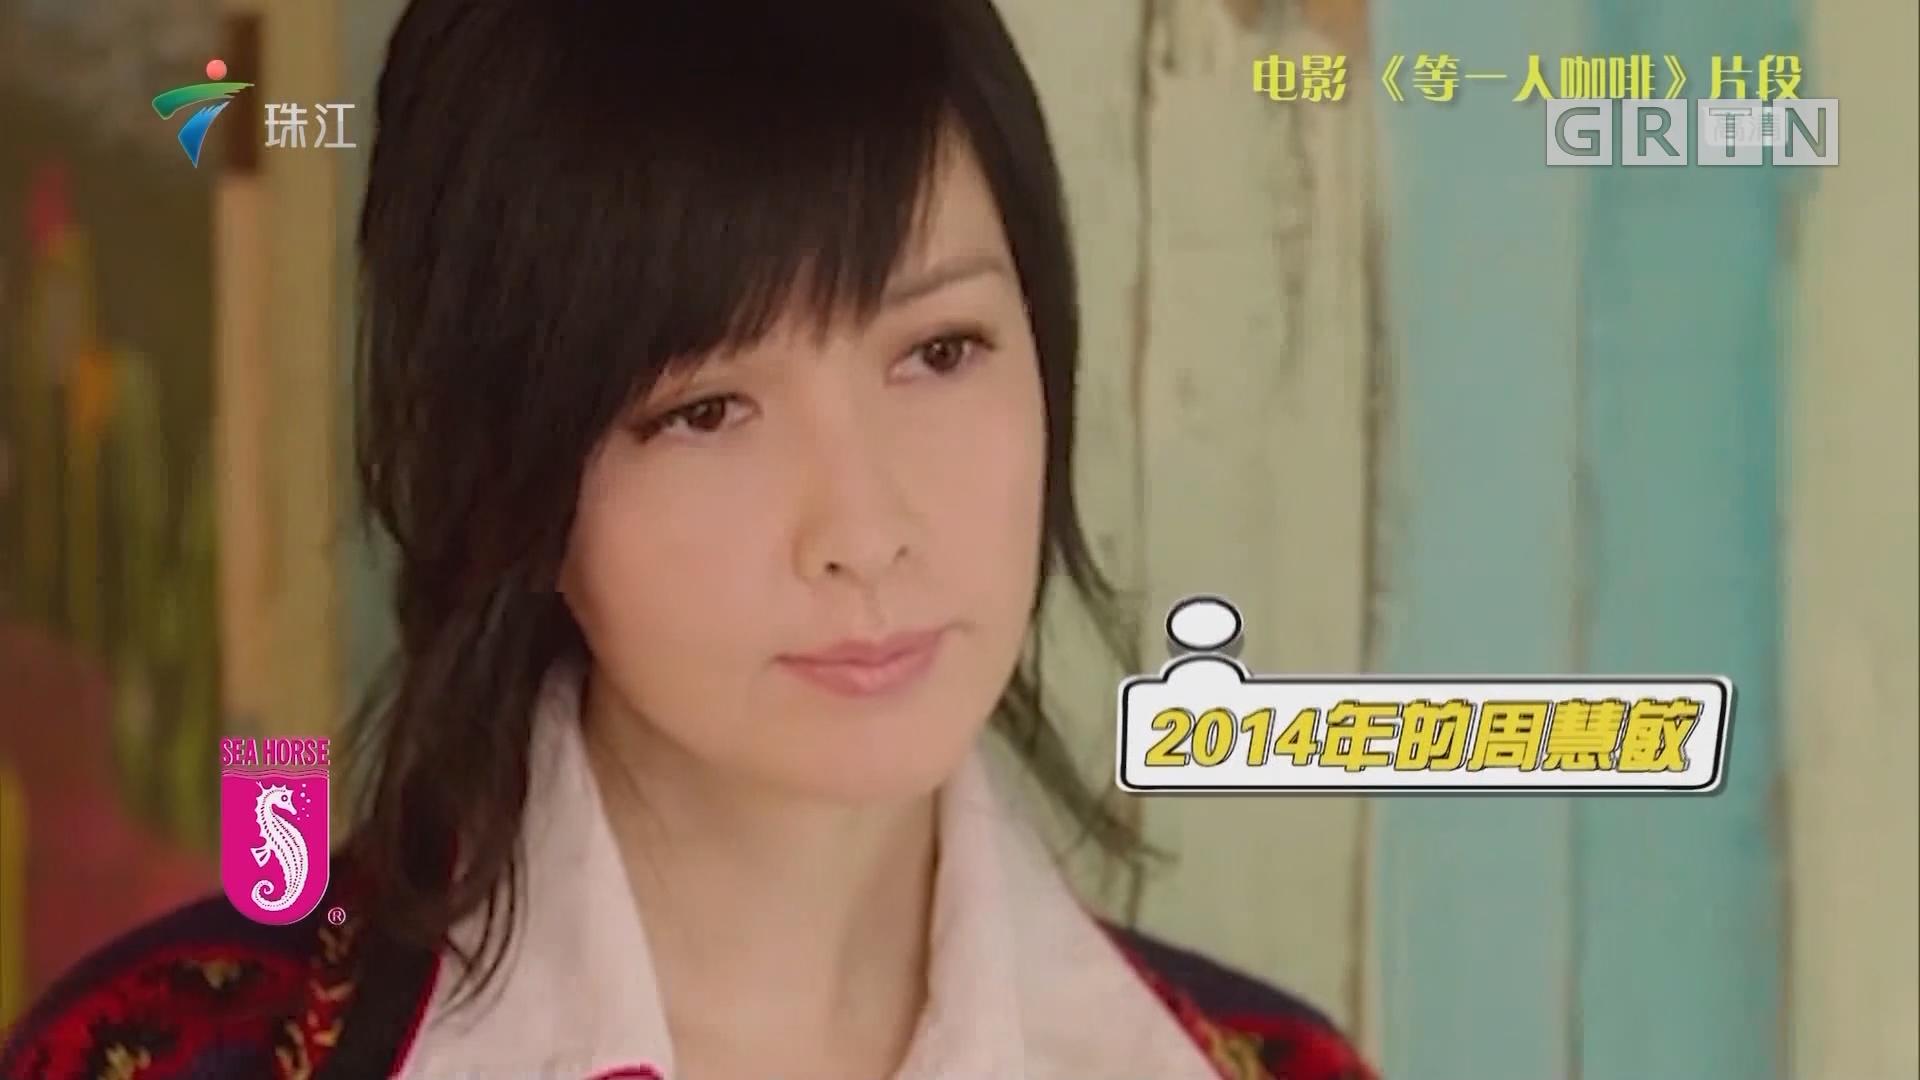 杨超越颜值位居中国第一美?那是你没见过朱茵周慧敏的初恋脸!